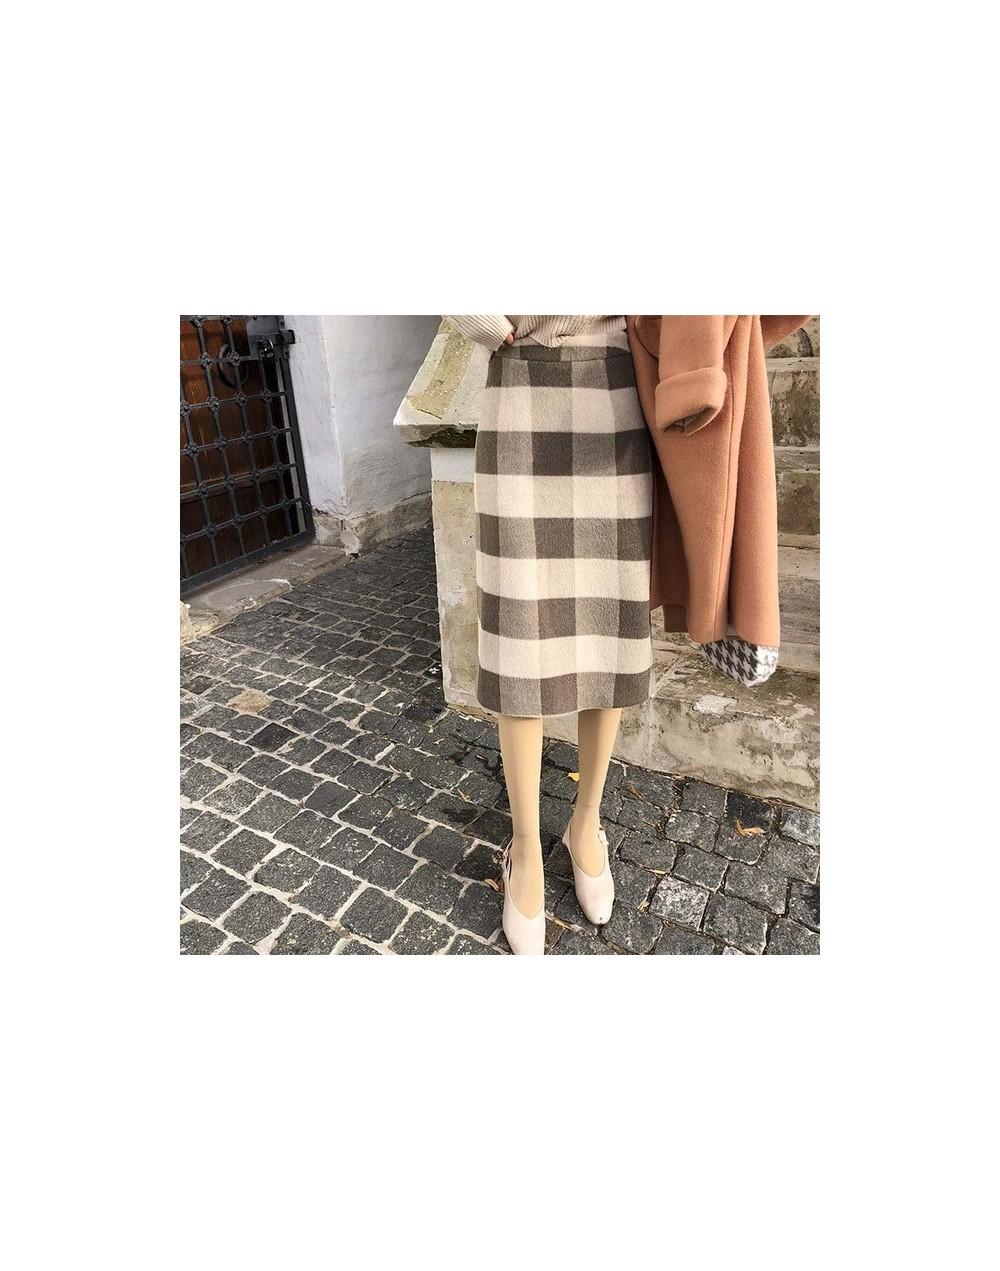 Women 2018 High Waist mid-long Skirt Autumn Winter plaid Vintage all-match Style A Line Skirt MX18D1866 - Khaki - 483075020942